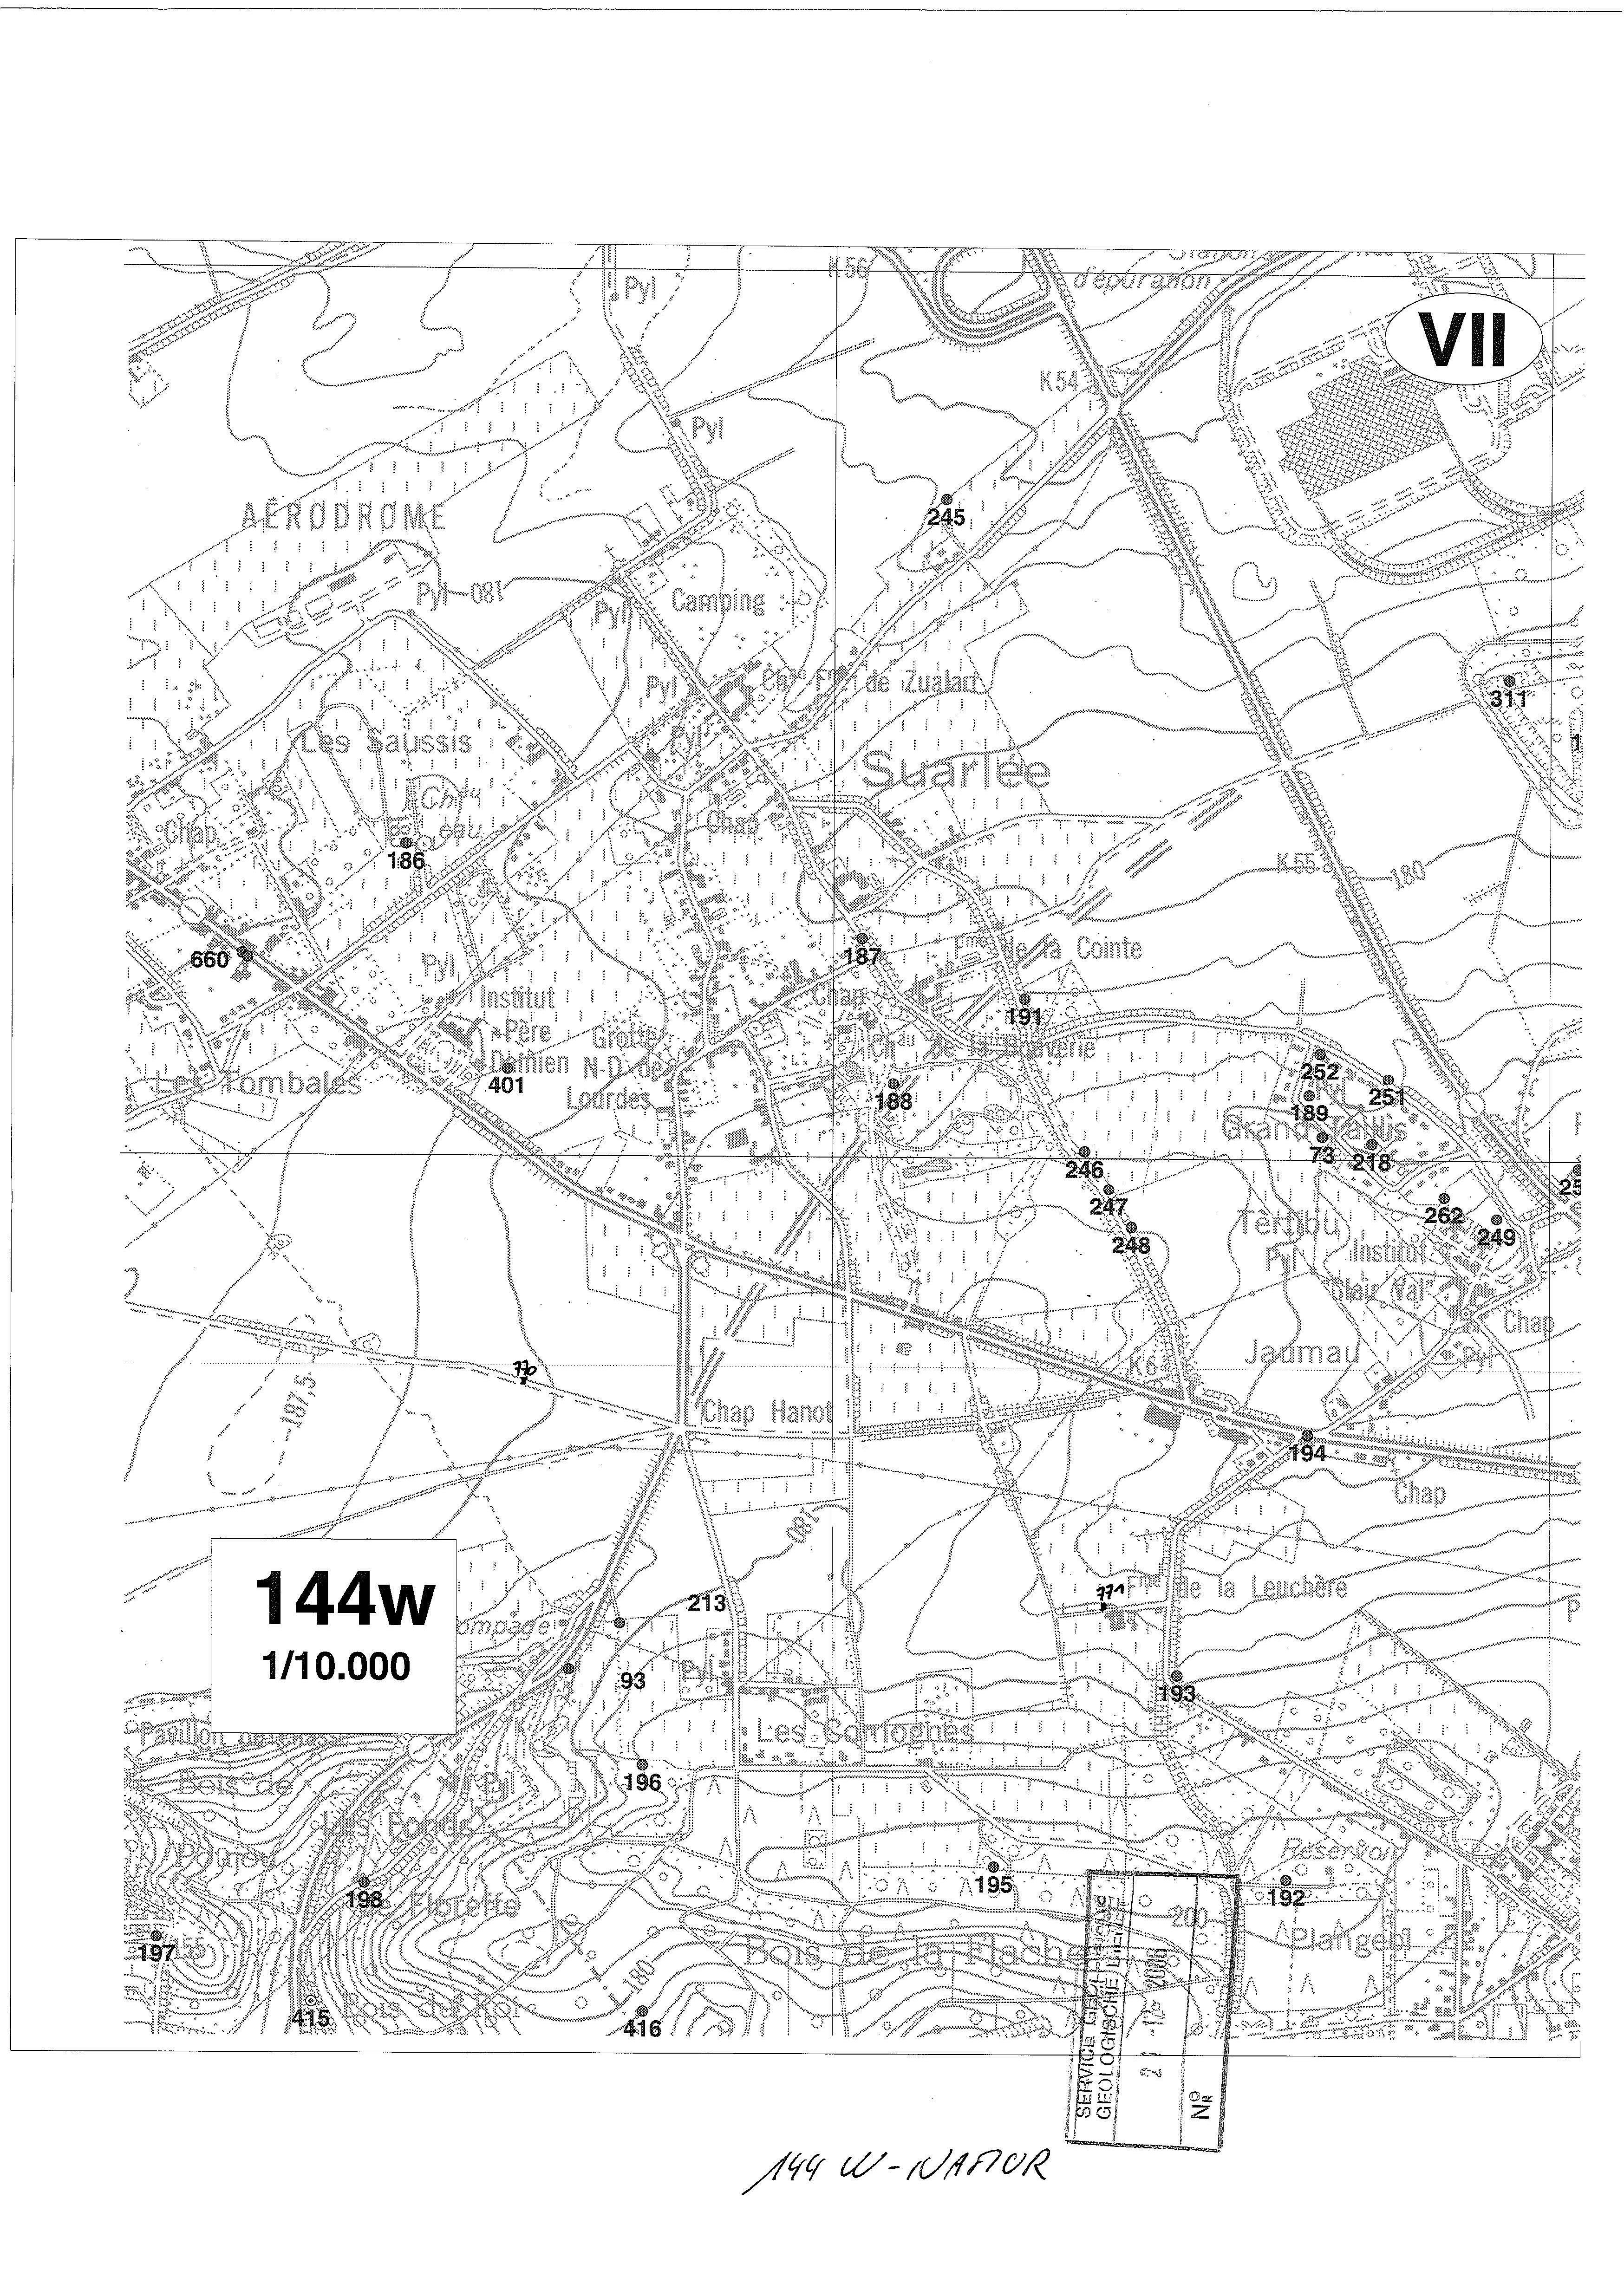 144W_Namur_Page_7_Image_0001.jpg